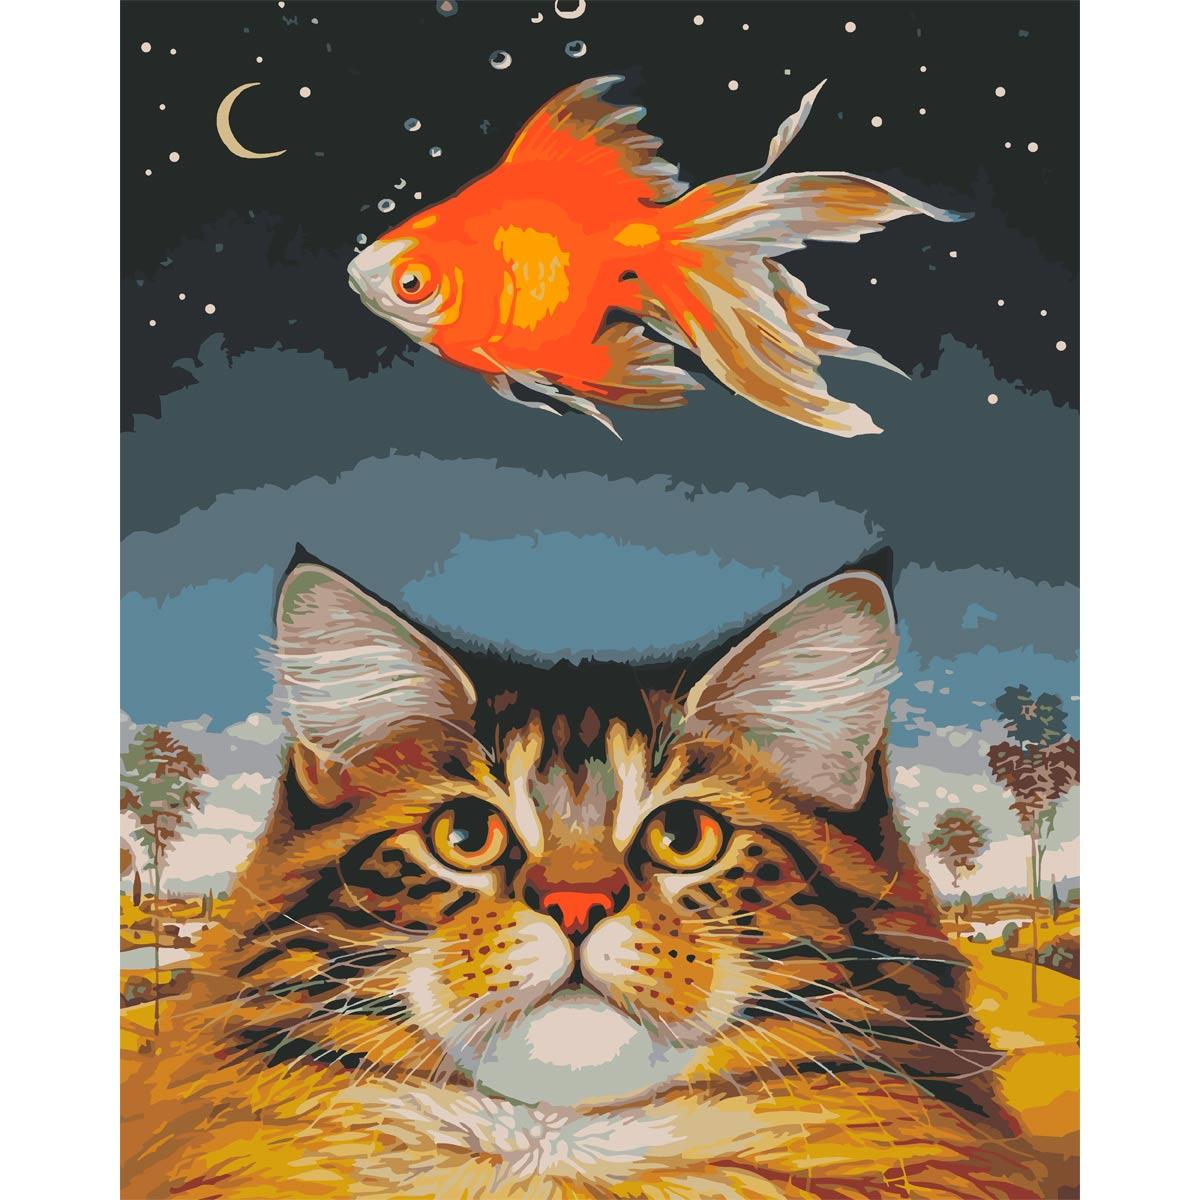 HS1201 Набор для рисования по номерам 'Золотая рыбка' 40*50см